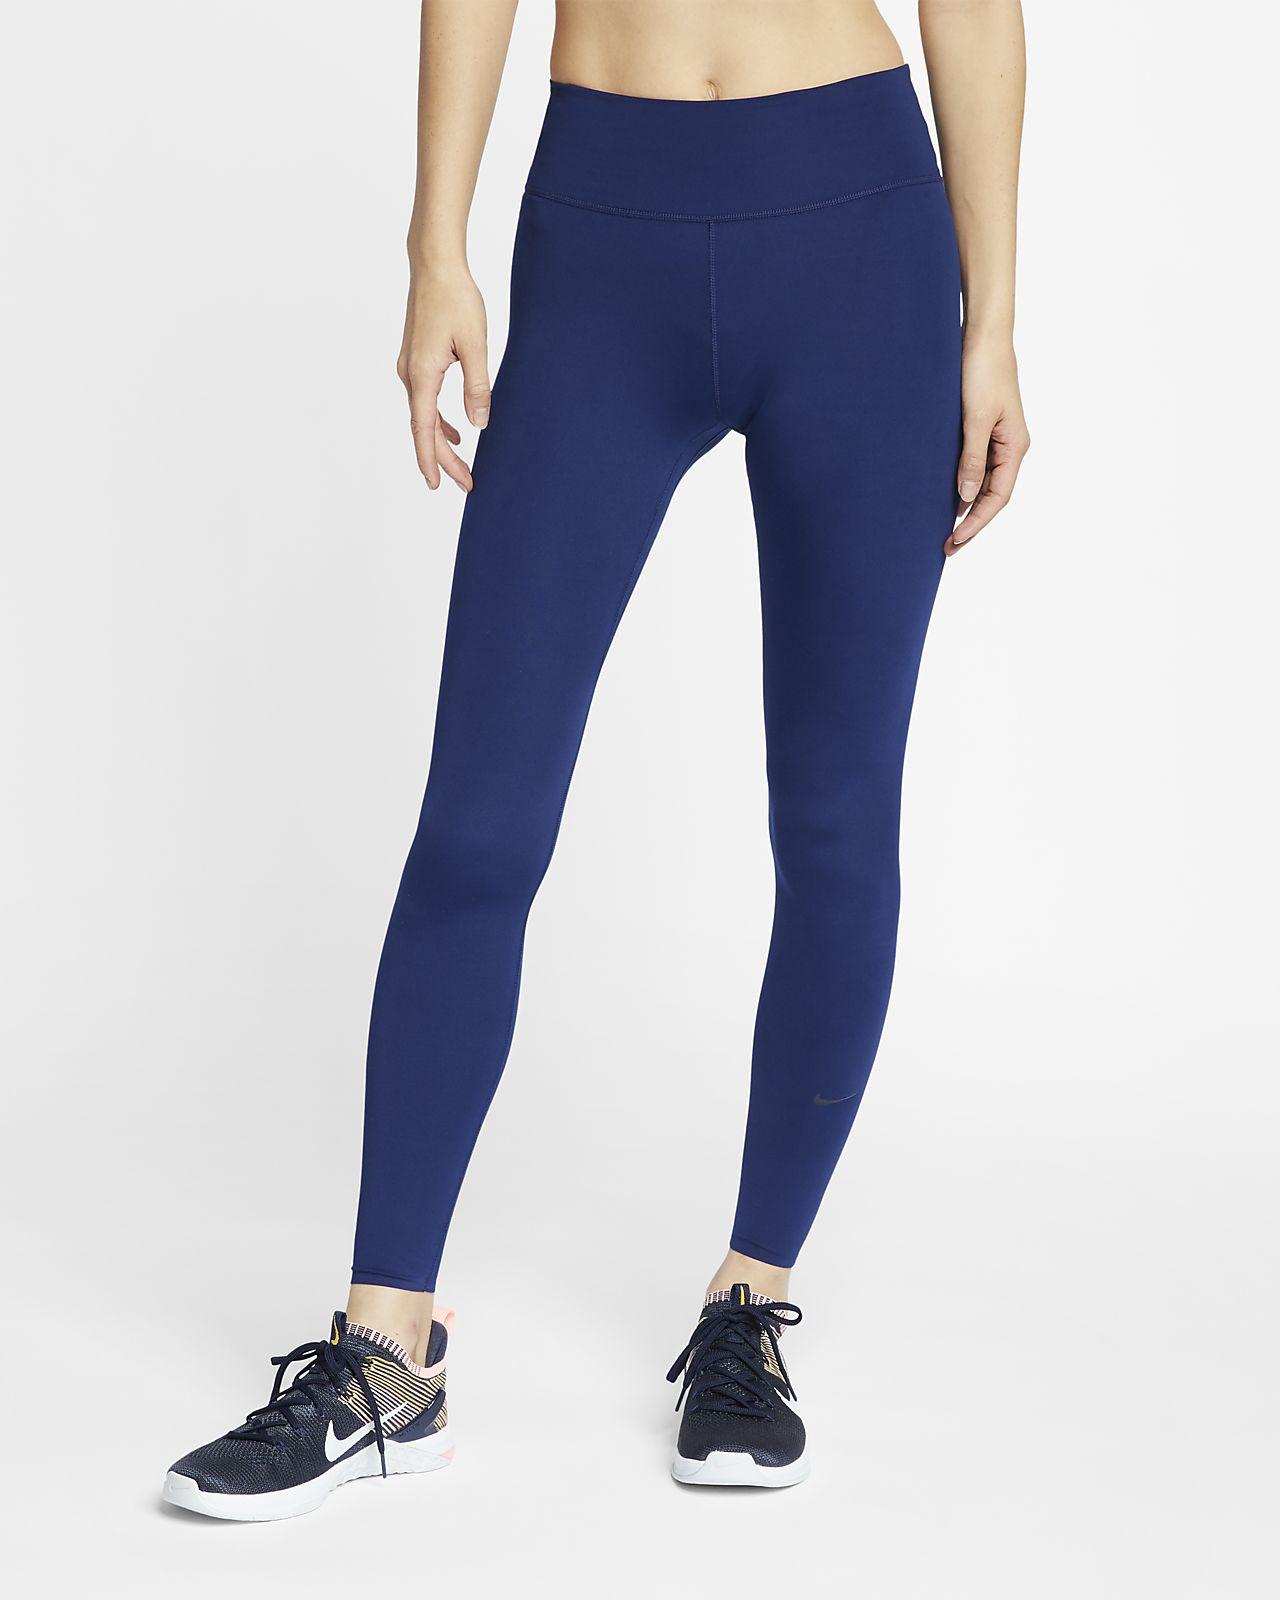 Tights Nike One Luxe för kvinnor